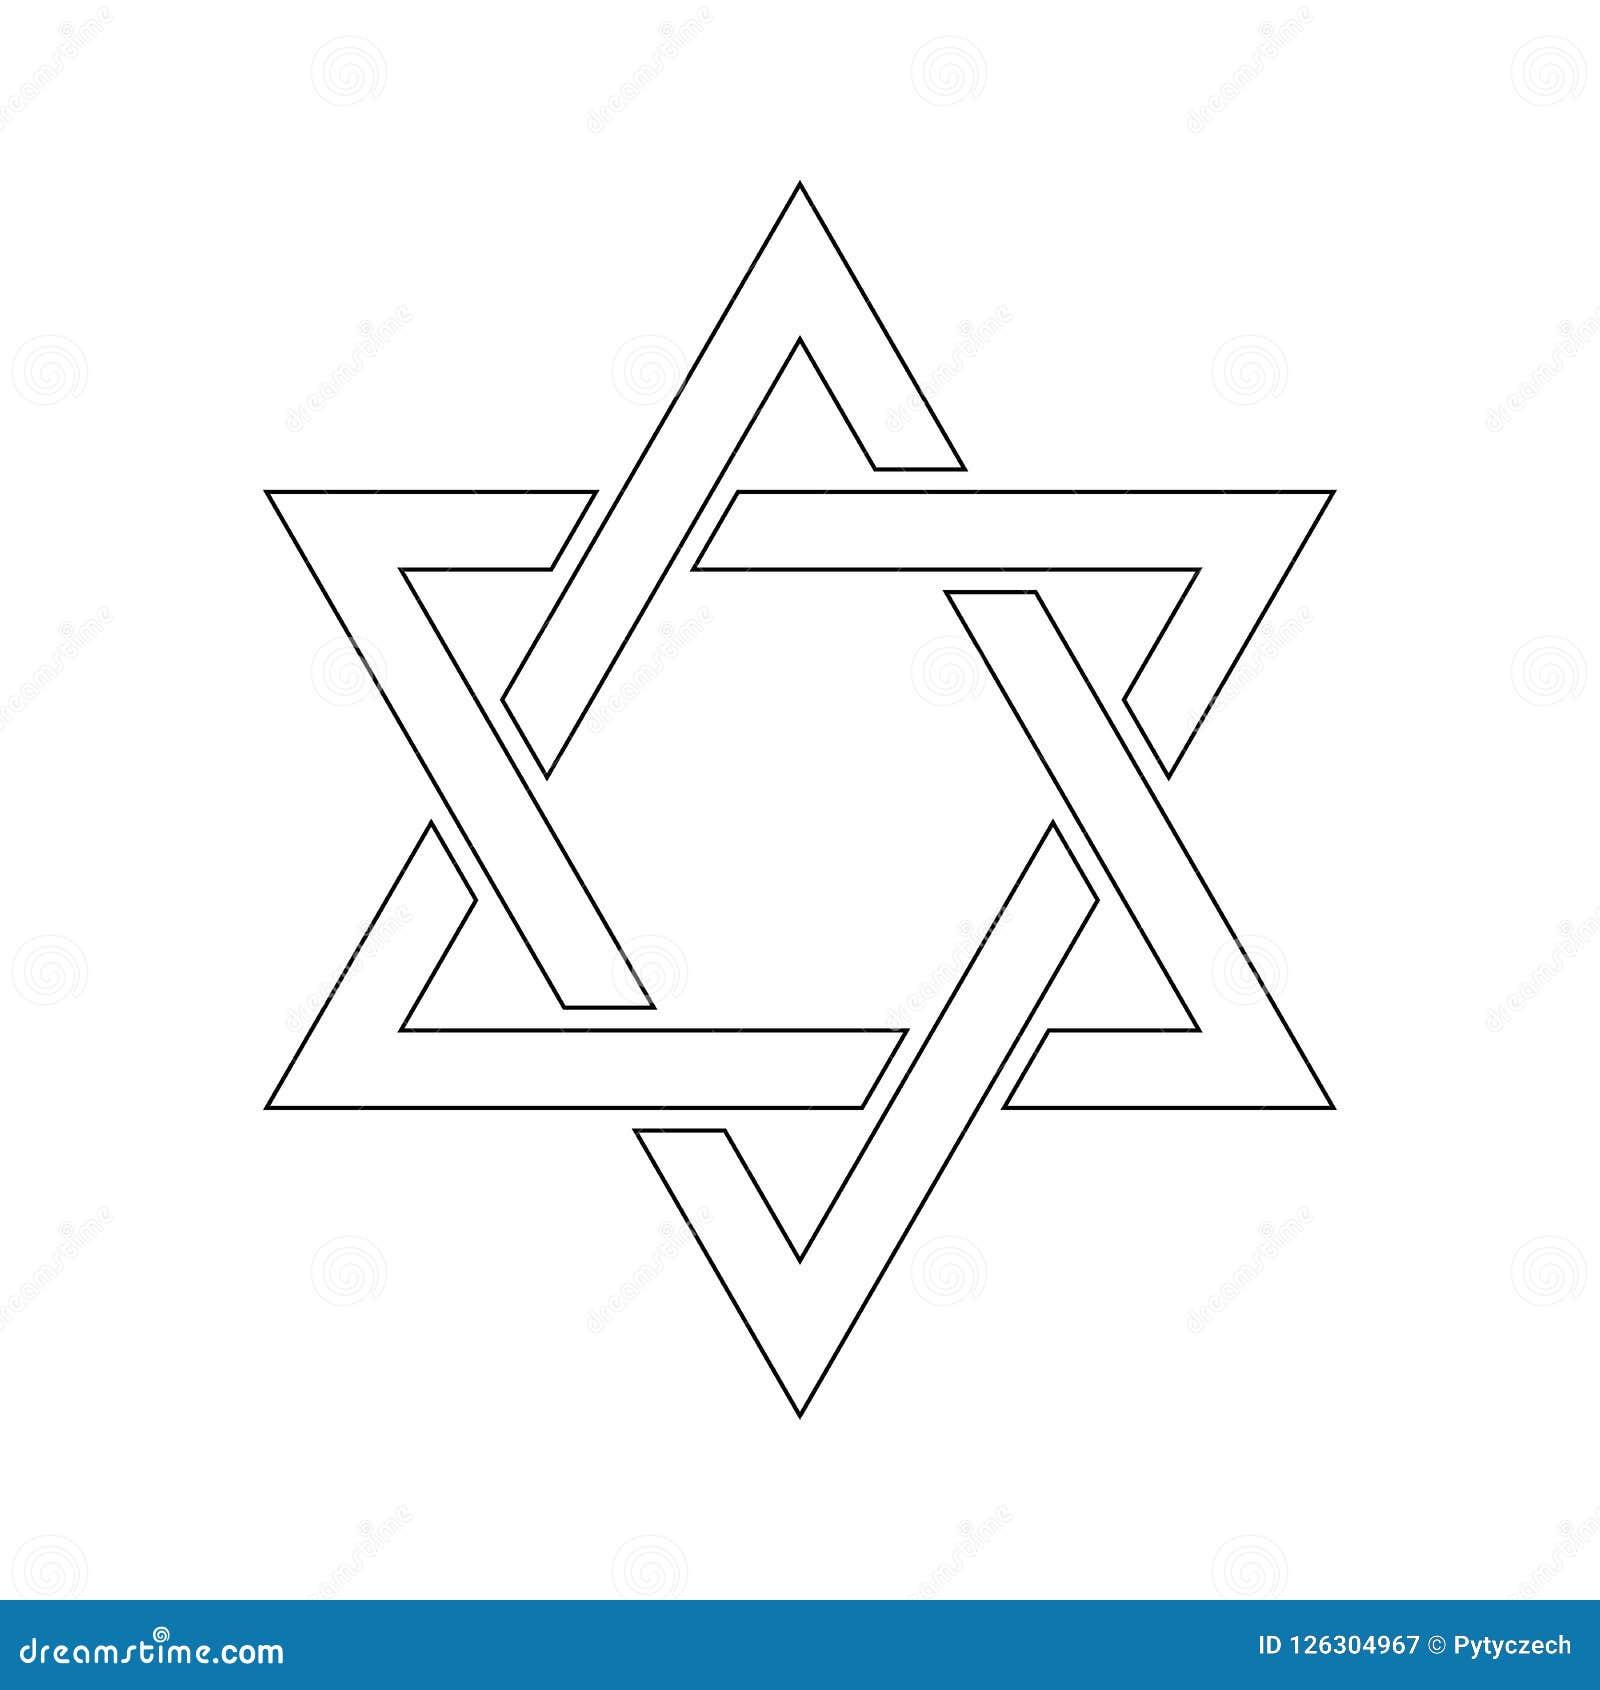 3d David ilustraci gwiazda Hexagram znak Symbol Żydowska tożsamość i judaizm Prosta płaska biała ilustracja z cienkim czernią